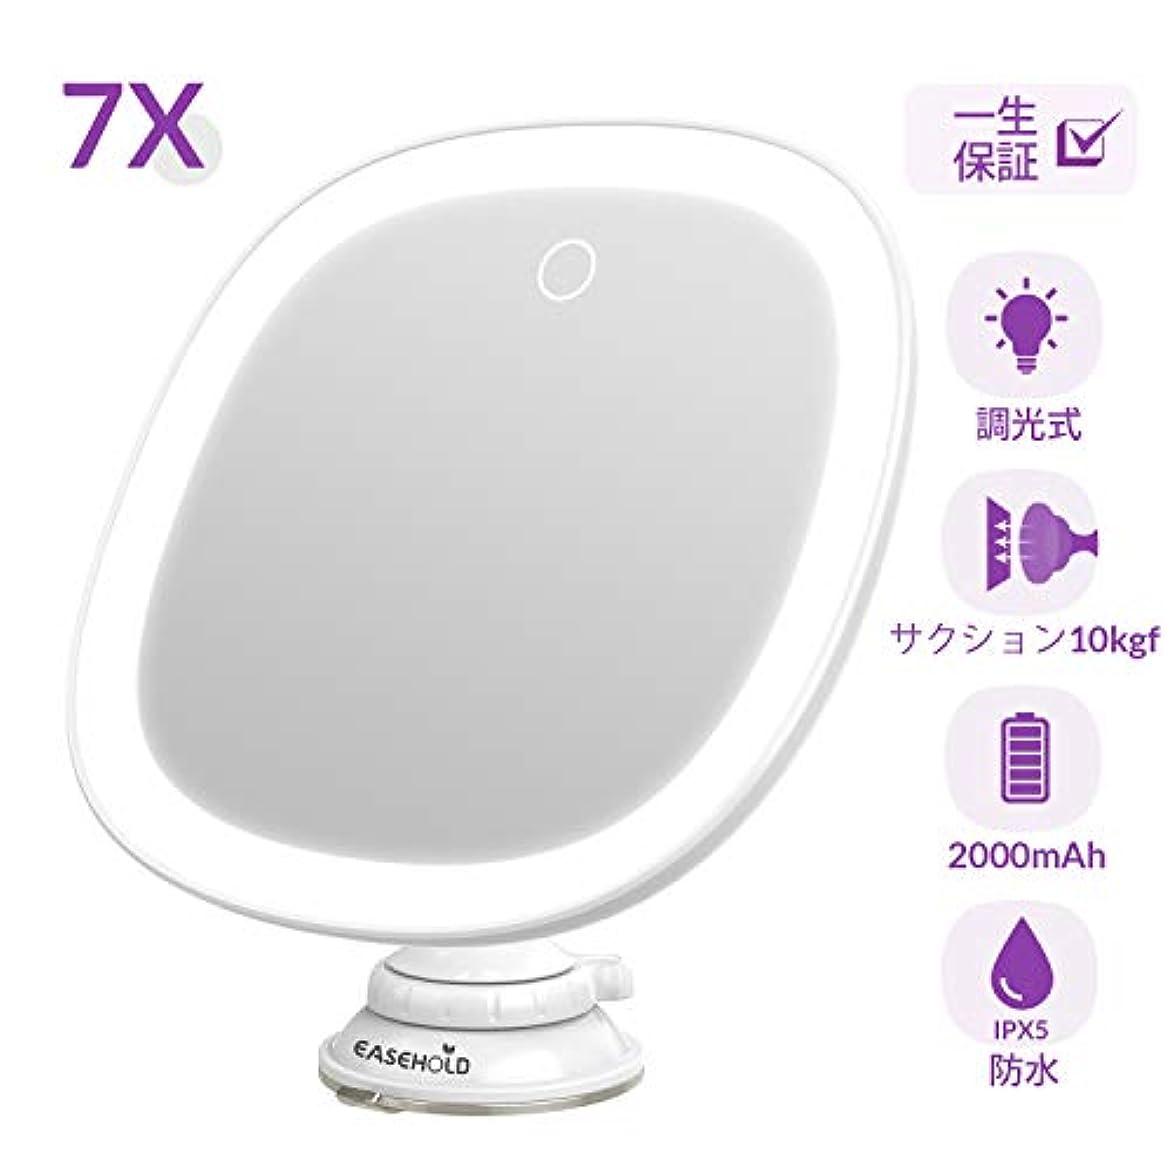 驚亜熱帯アンドリューハリディEasehold 7倍拡大鏡 LED化粧鏡 浴室鏡 卓上鏡 吸盤ロック付きLEDミラー 壁掛けメイクミラー 360度回転スタンドミラー 明るさ調節可能 USB充電 IPX5防水